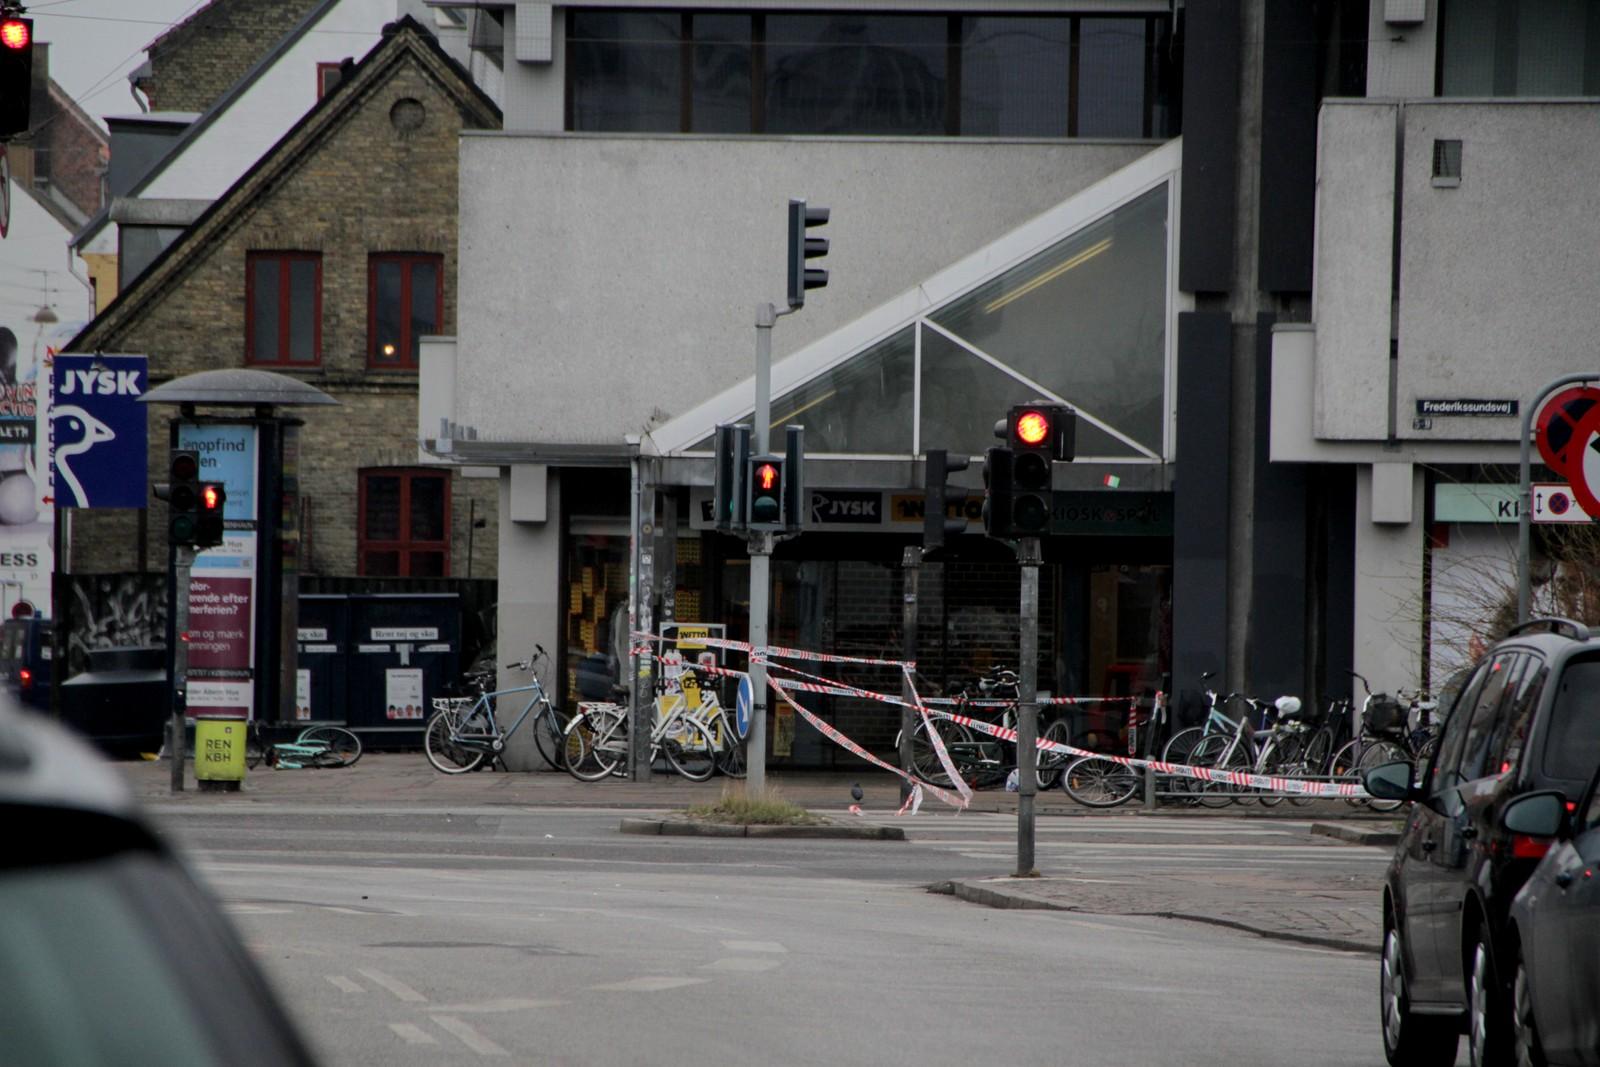 Da politiet forsøkte å pågripe den antatte gjerningsmannen, ble det en skuddveksling mellom mannen og politiet. her i like nærheten av Nørrebro stasjon ble den antatte gjerningsmannen drept.